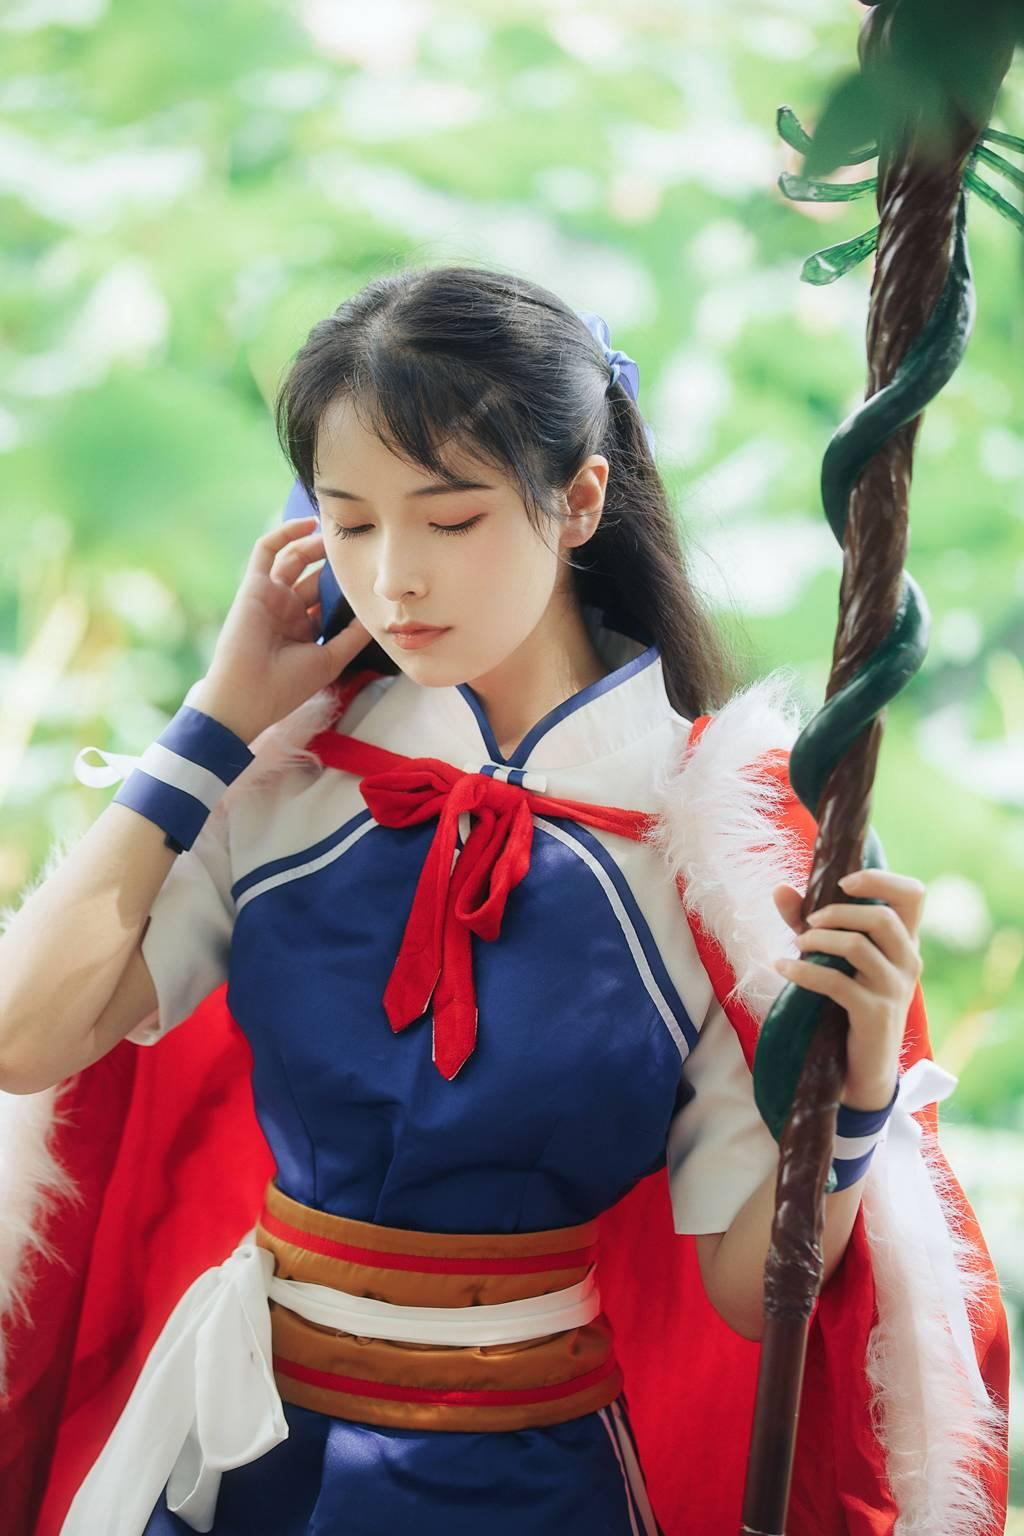 外景cosplay【CN:水晶雪梨汁_雪梨】-第2张